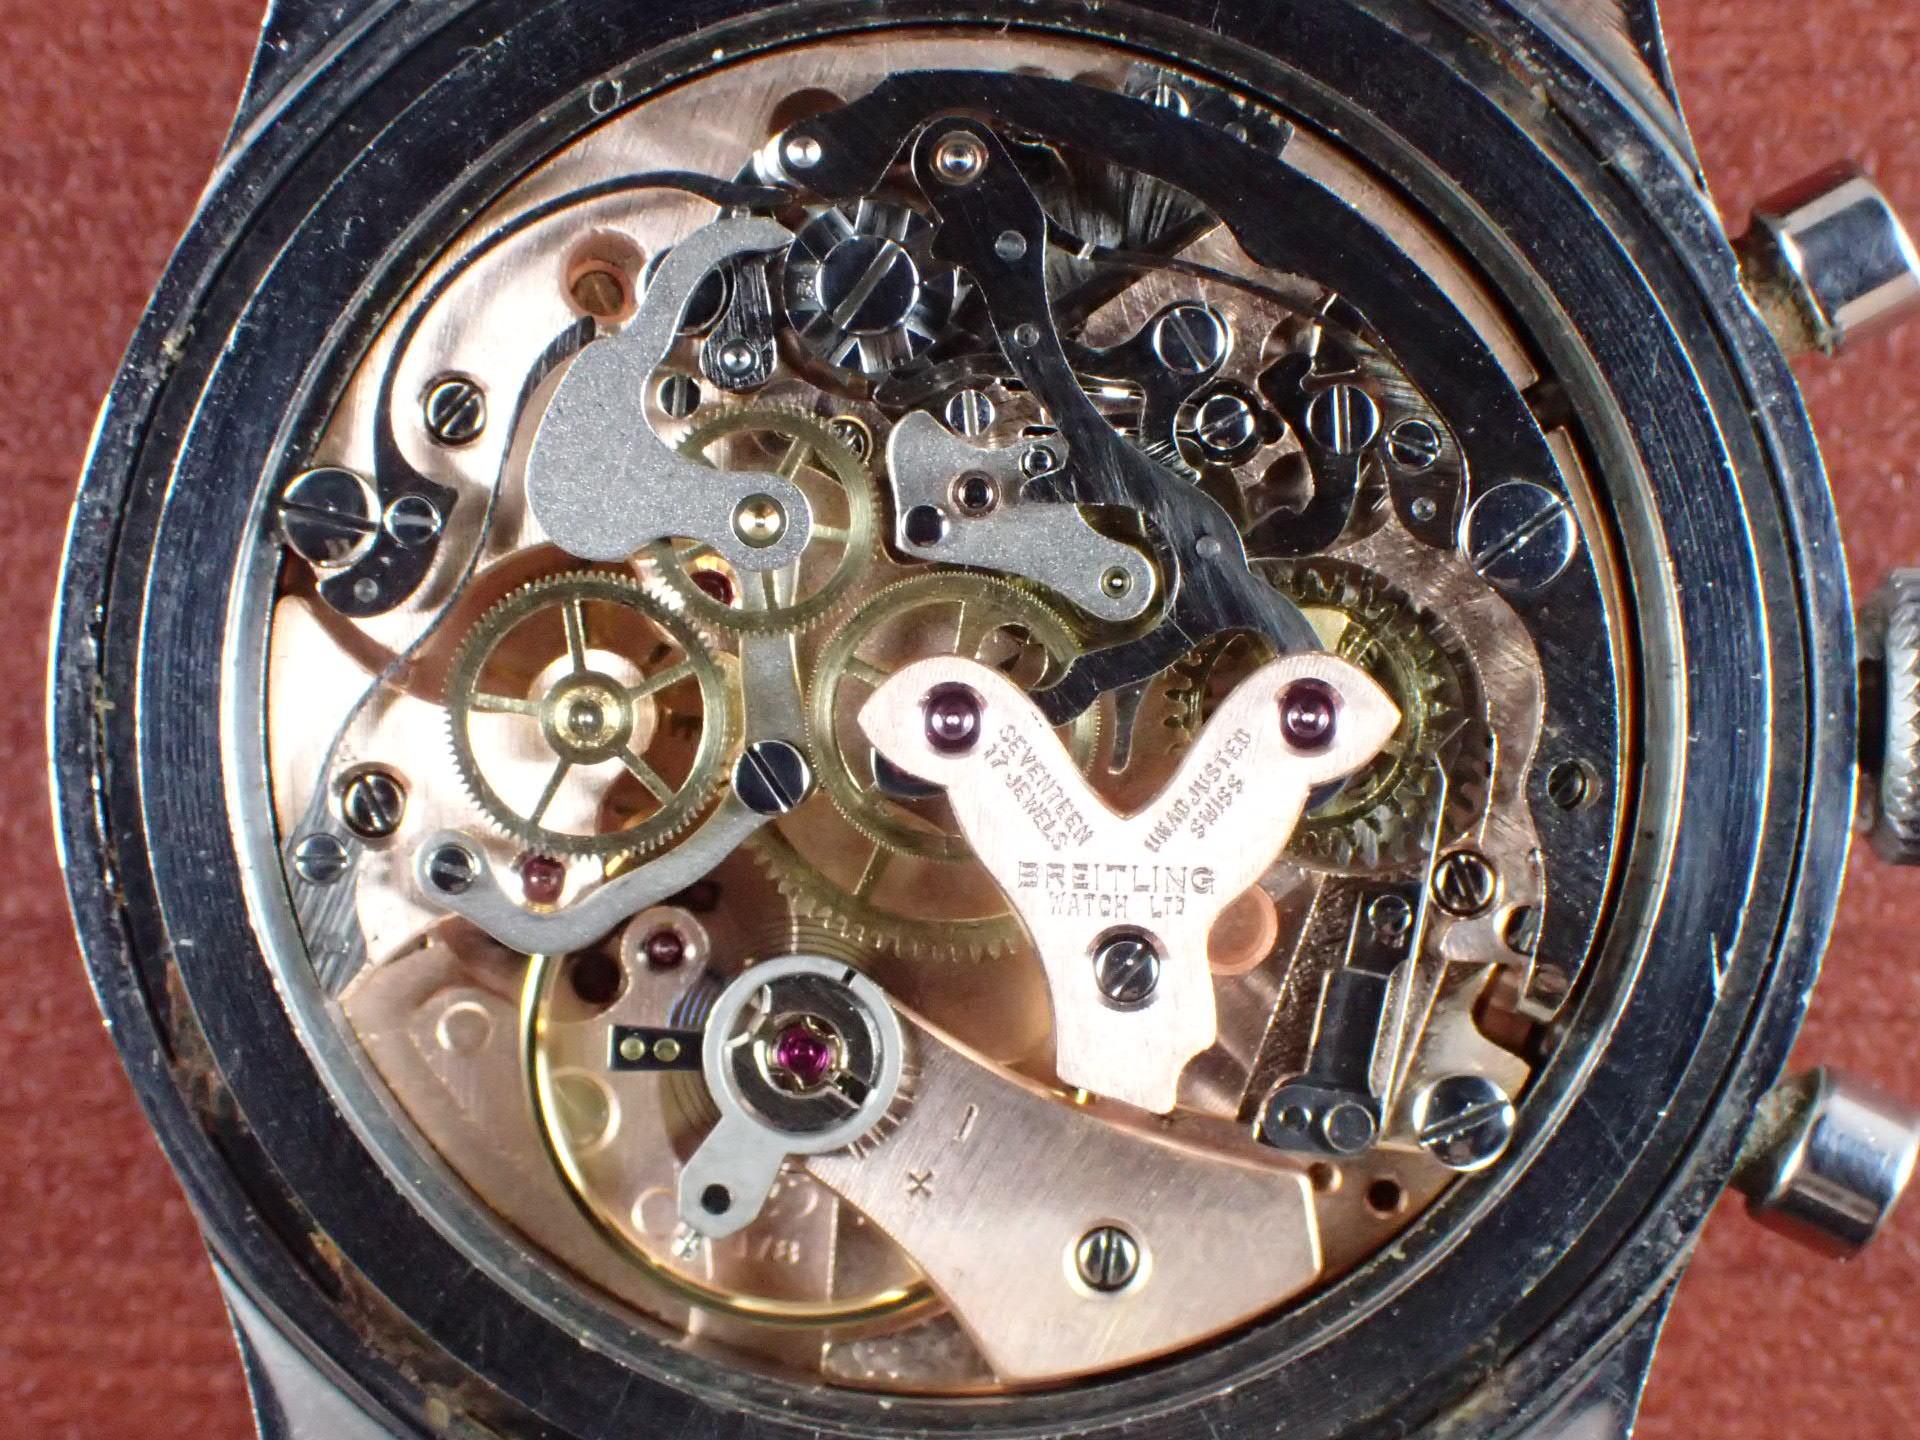 ブライトリング コスモノート Ref.809 24時間時計 1960年代の写真5枚目